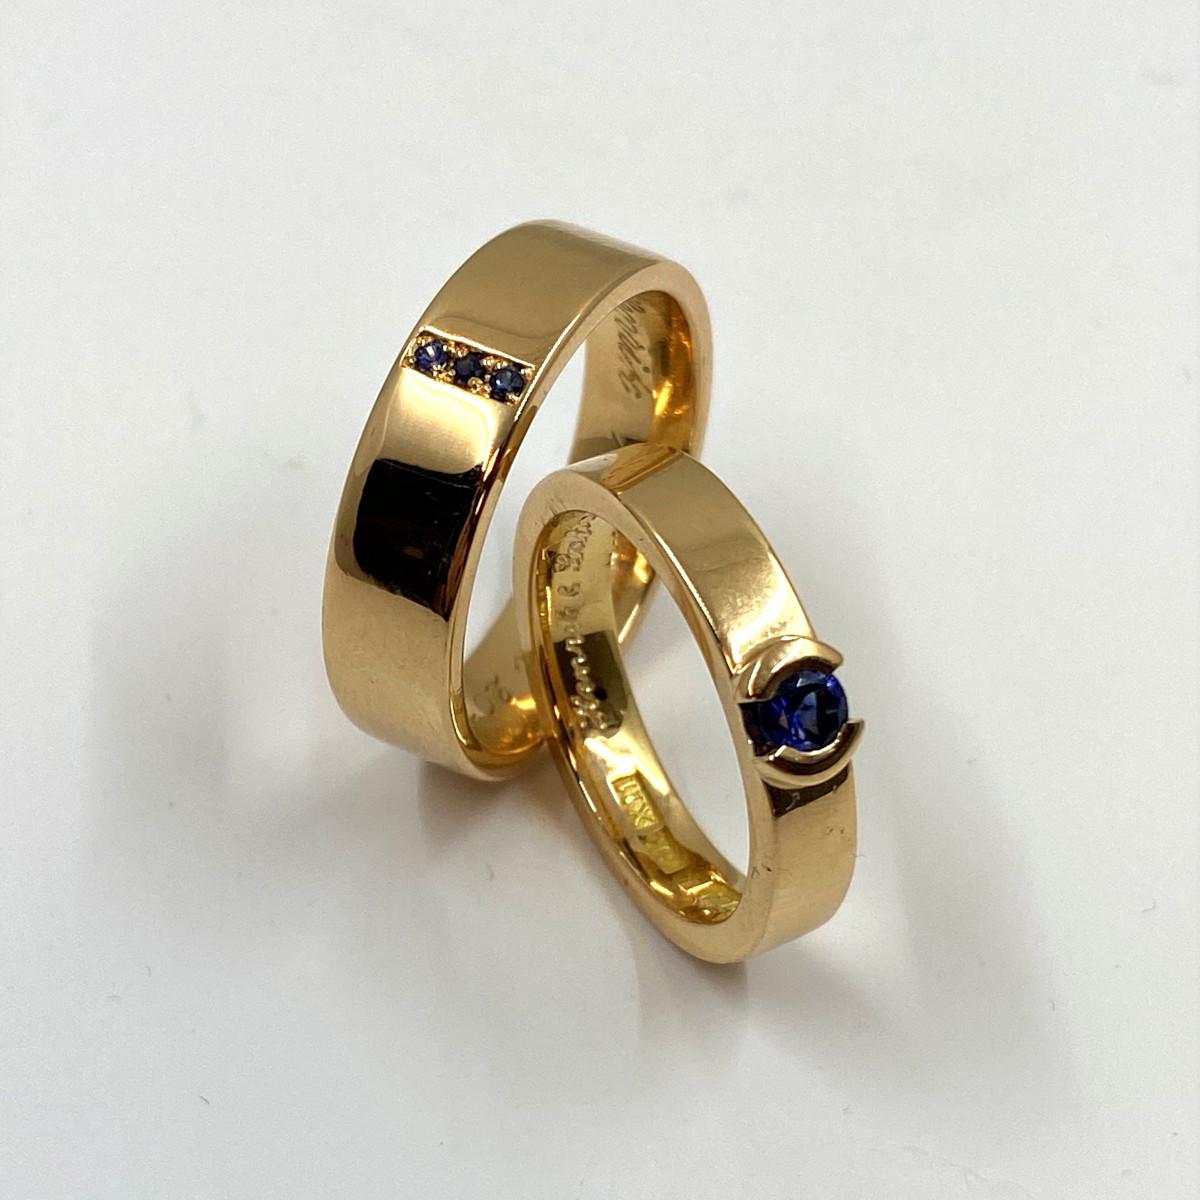 Safirringar, blåa stenar, ringar med blå safir